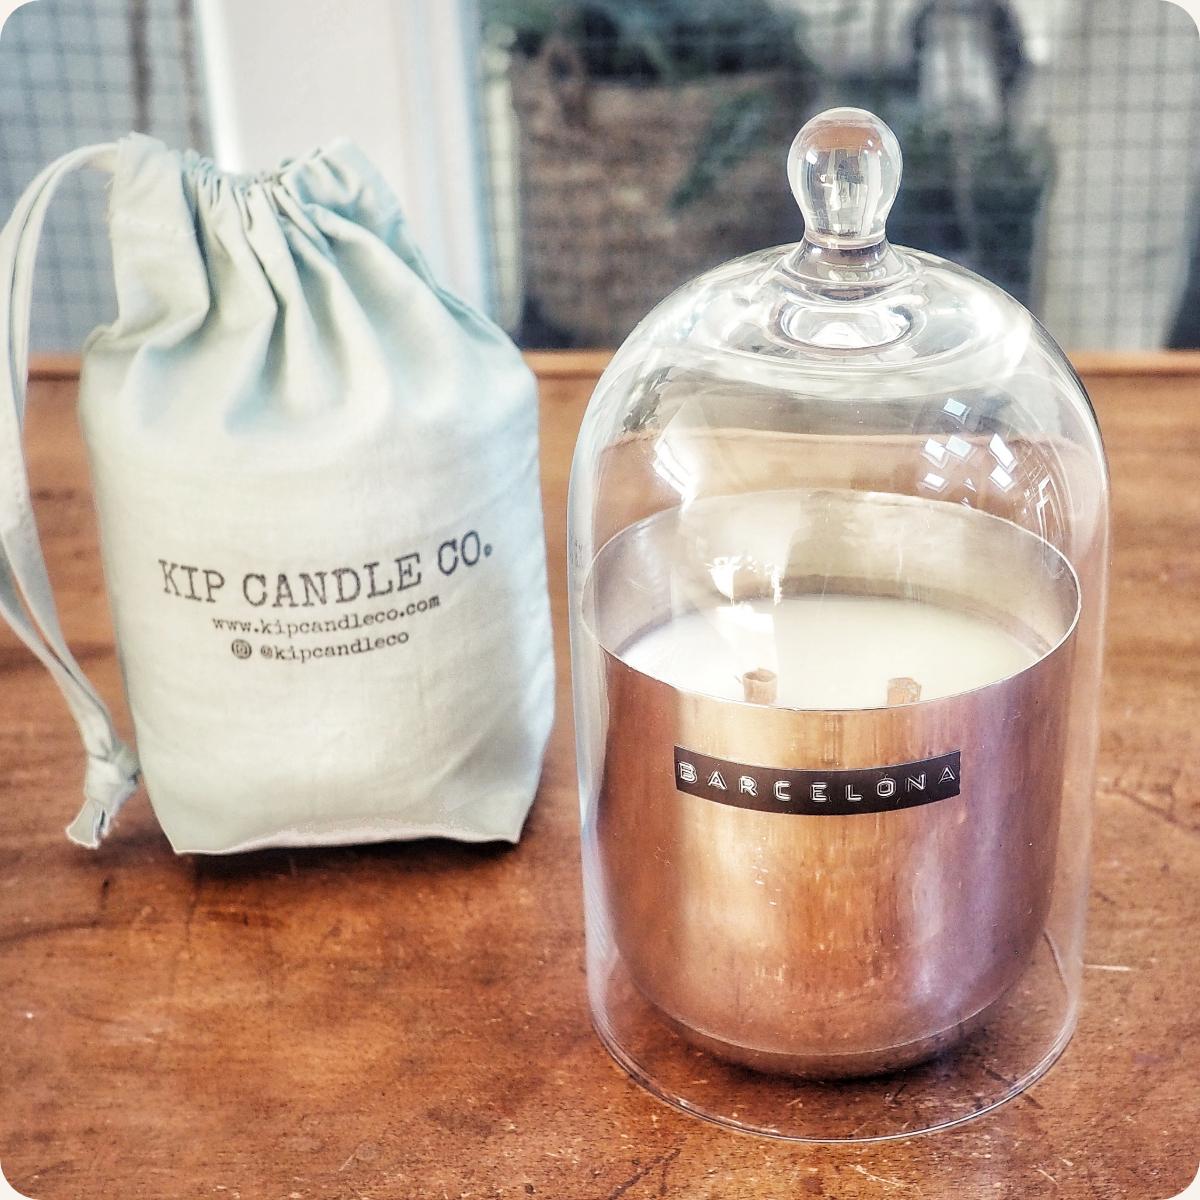 Barcelona Original Silver Candle & Bell Jar Bundle.